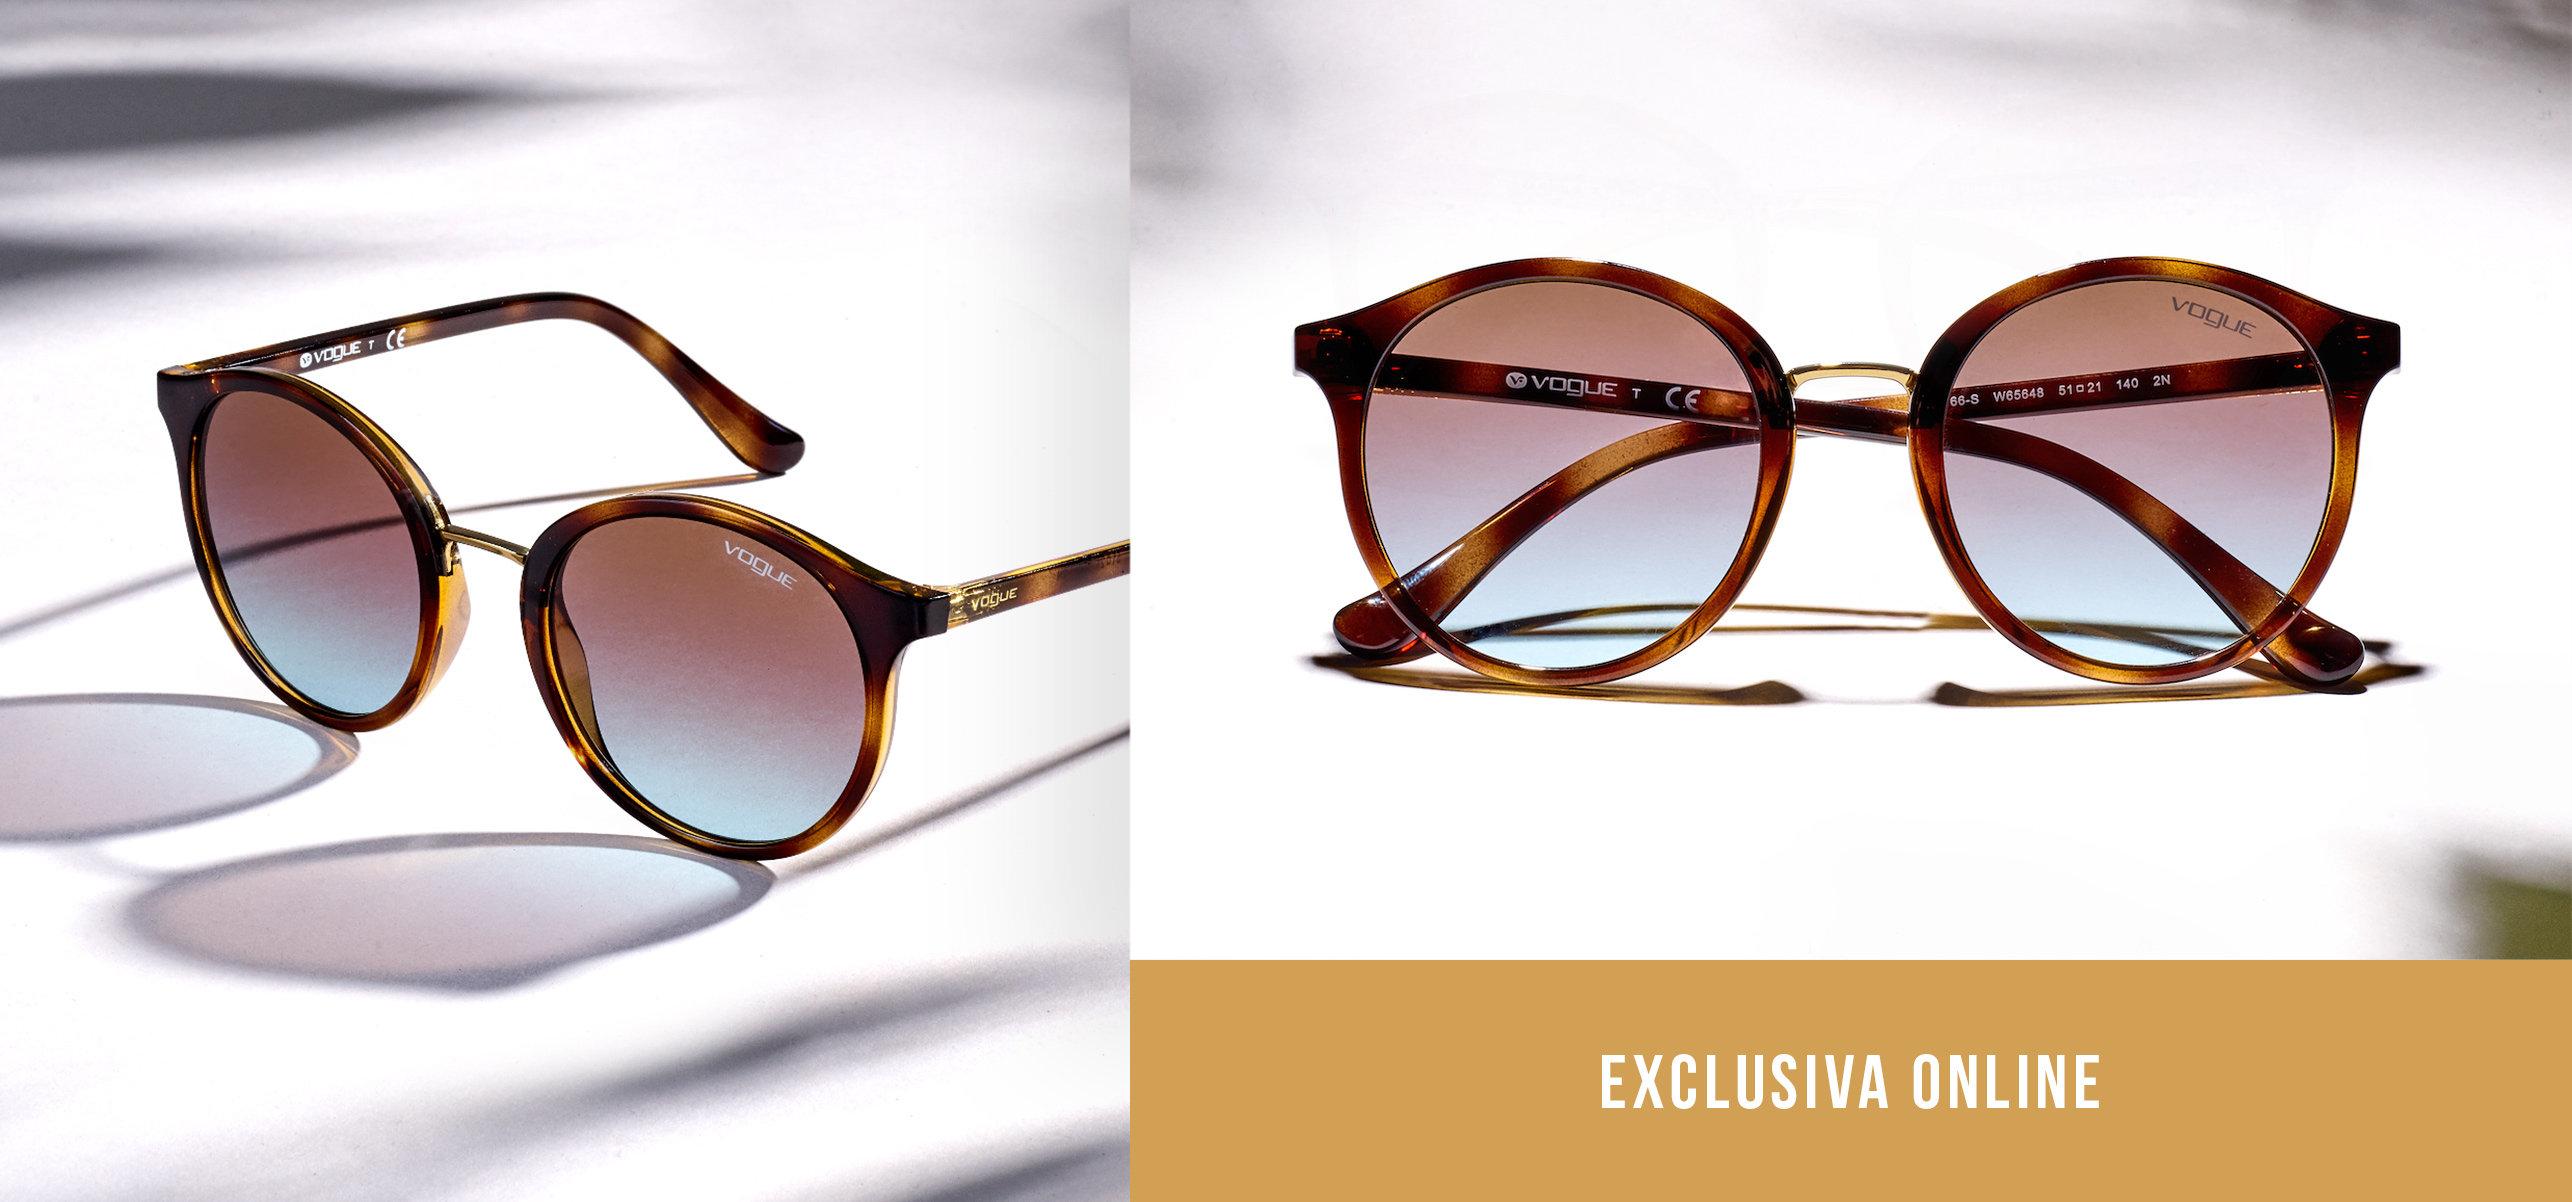 ce5c76c475fc4 Uno de nuestros modelos más populares ahora está disponible en una nueva y  exclusiva combinación de colores